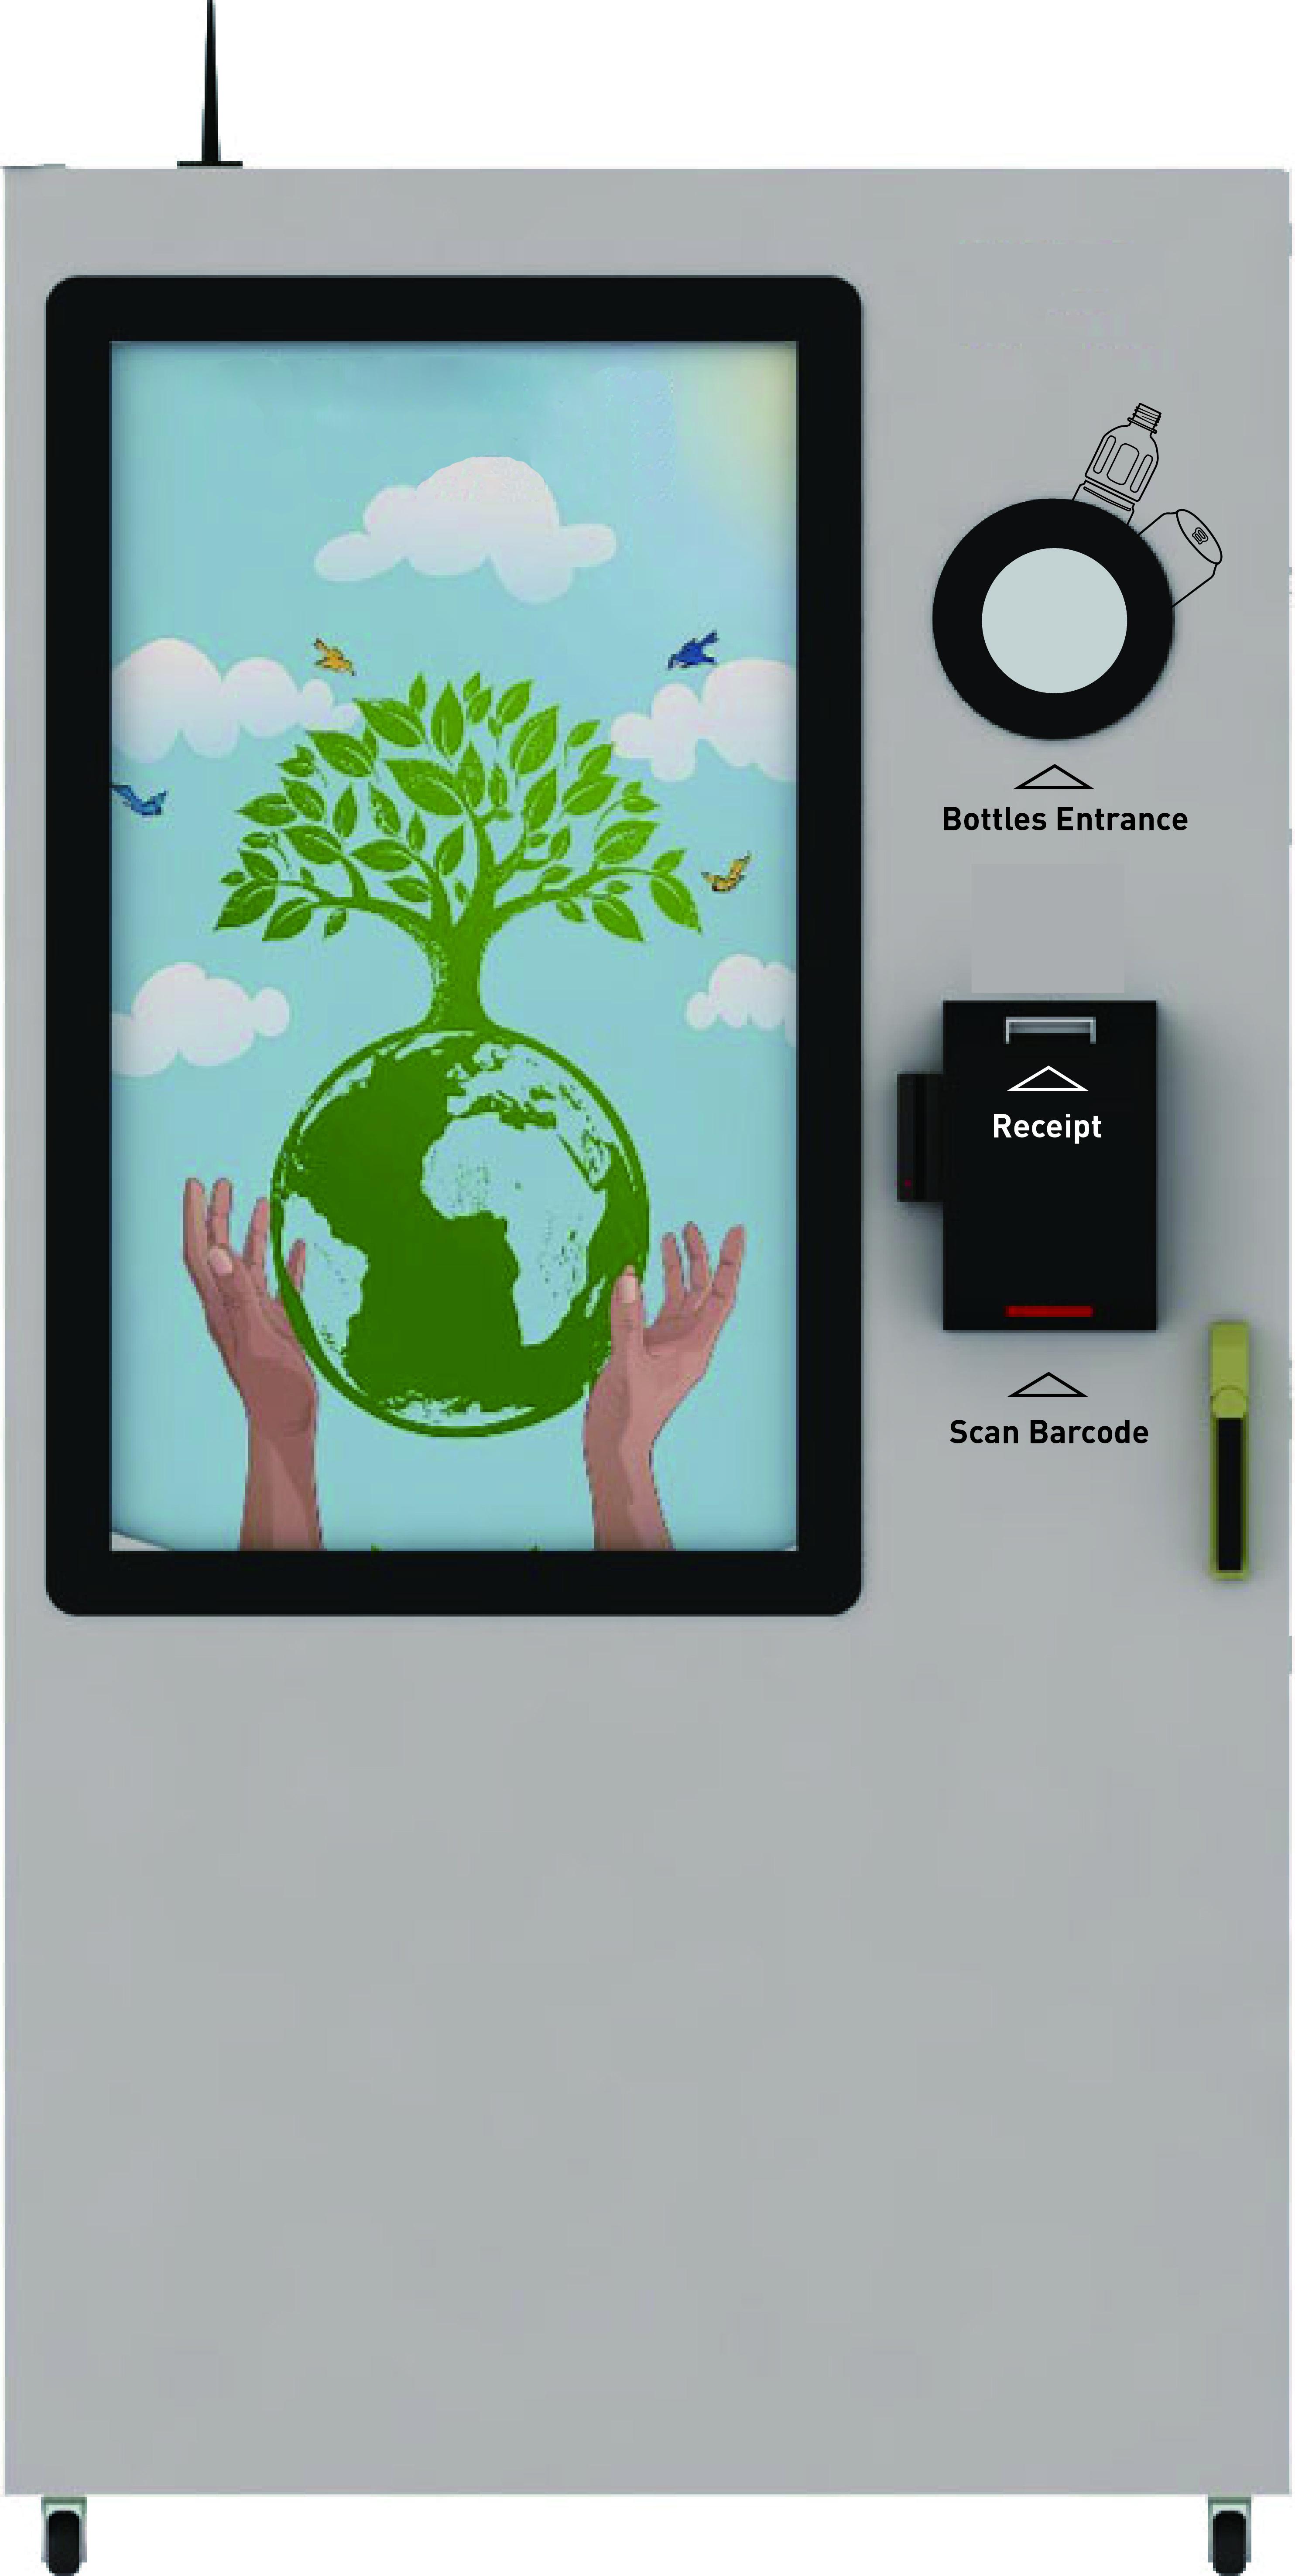 RVM -Reverse Vending Machine for plastic bottle and aluminum can